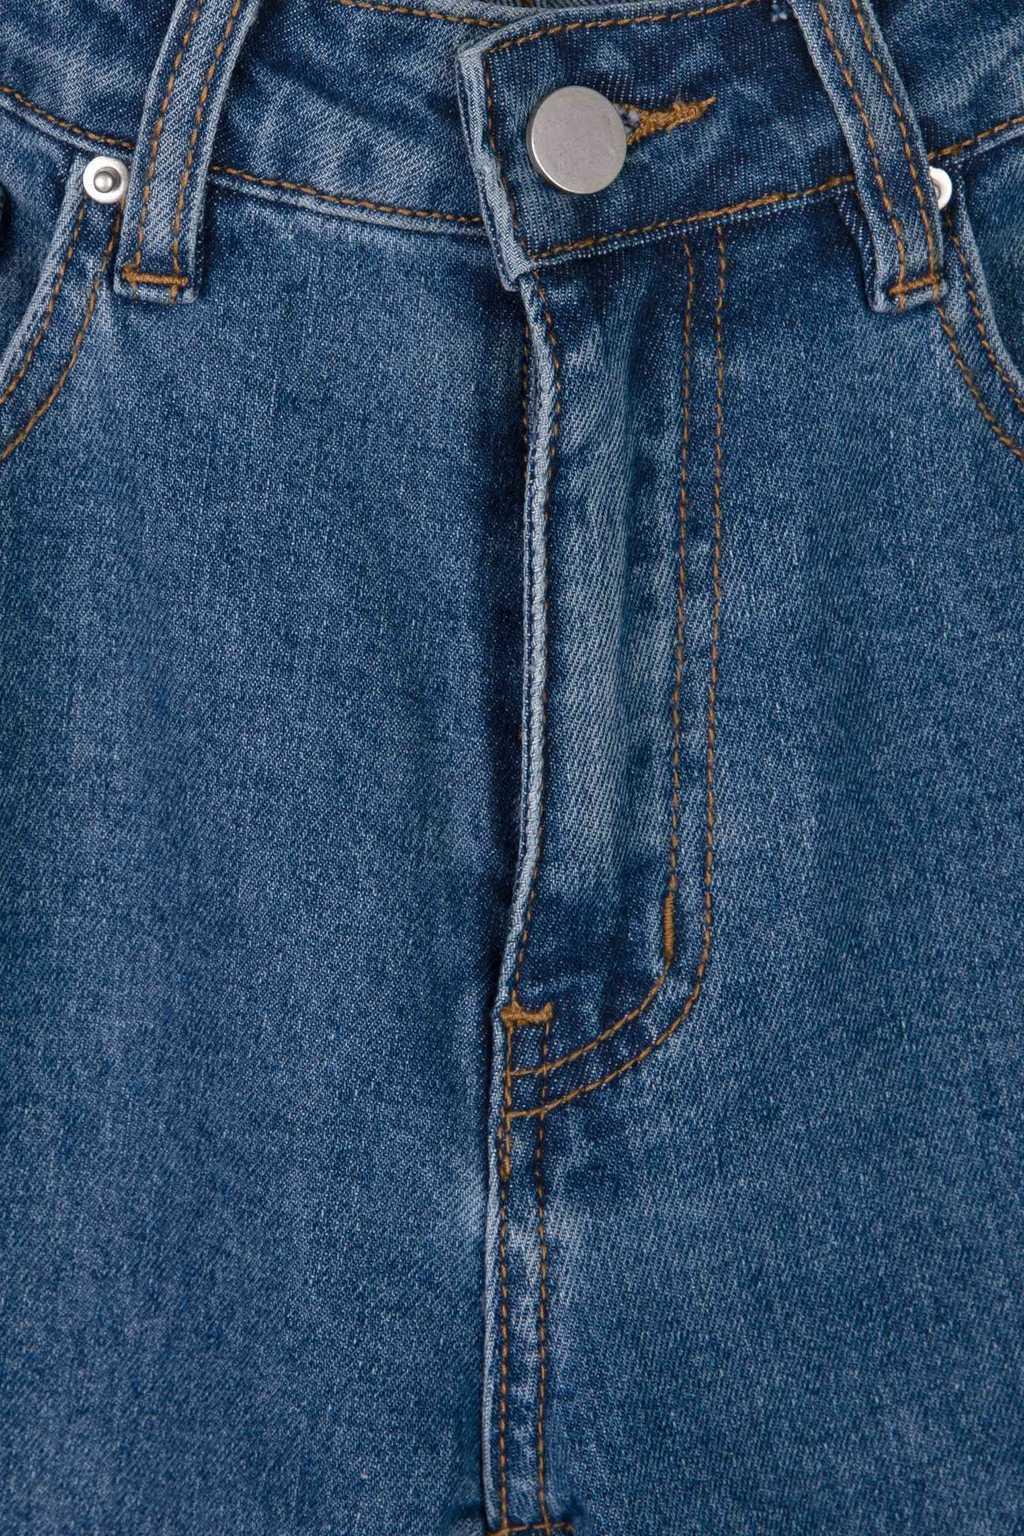 Jean 3620 Indigo 7